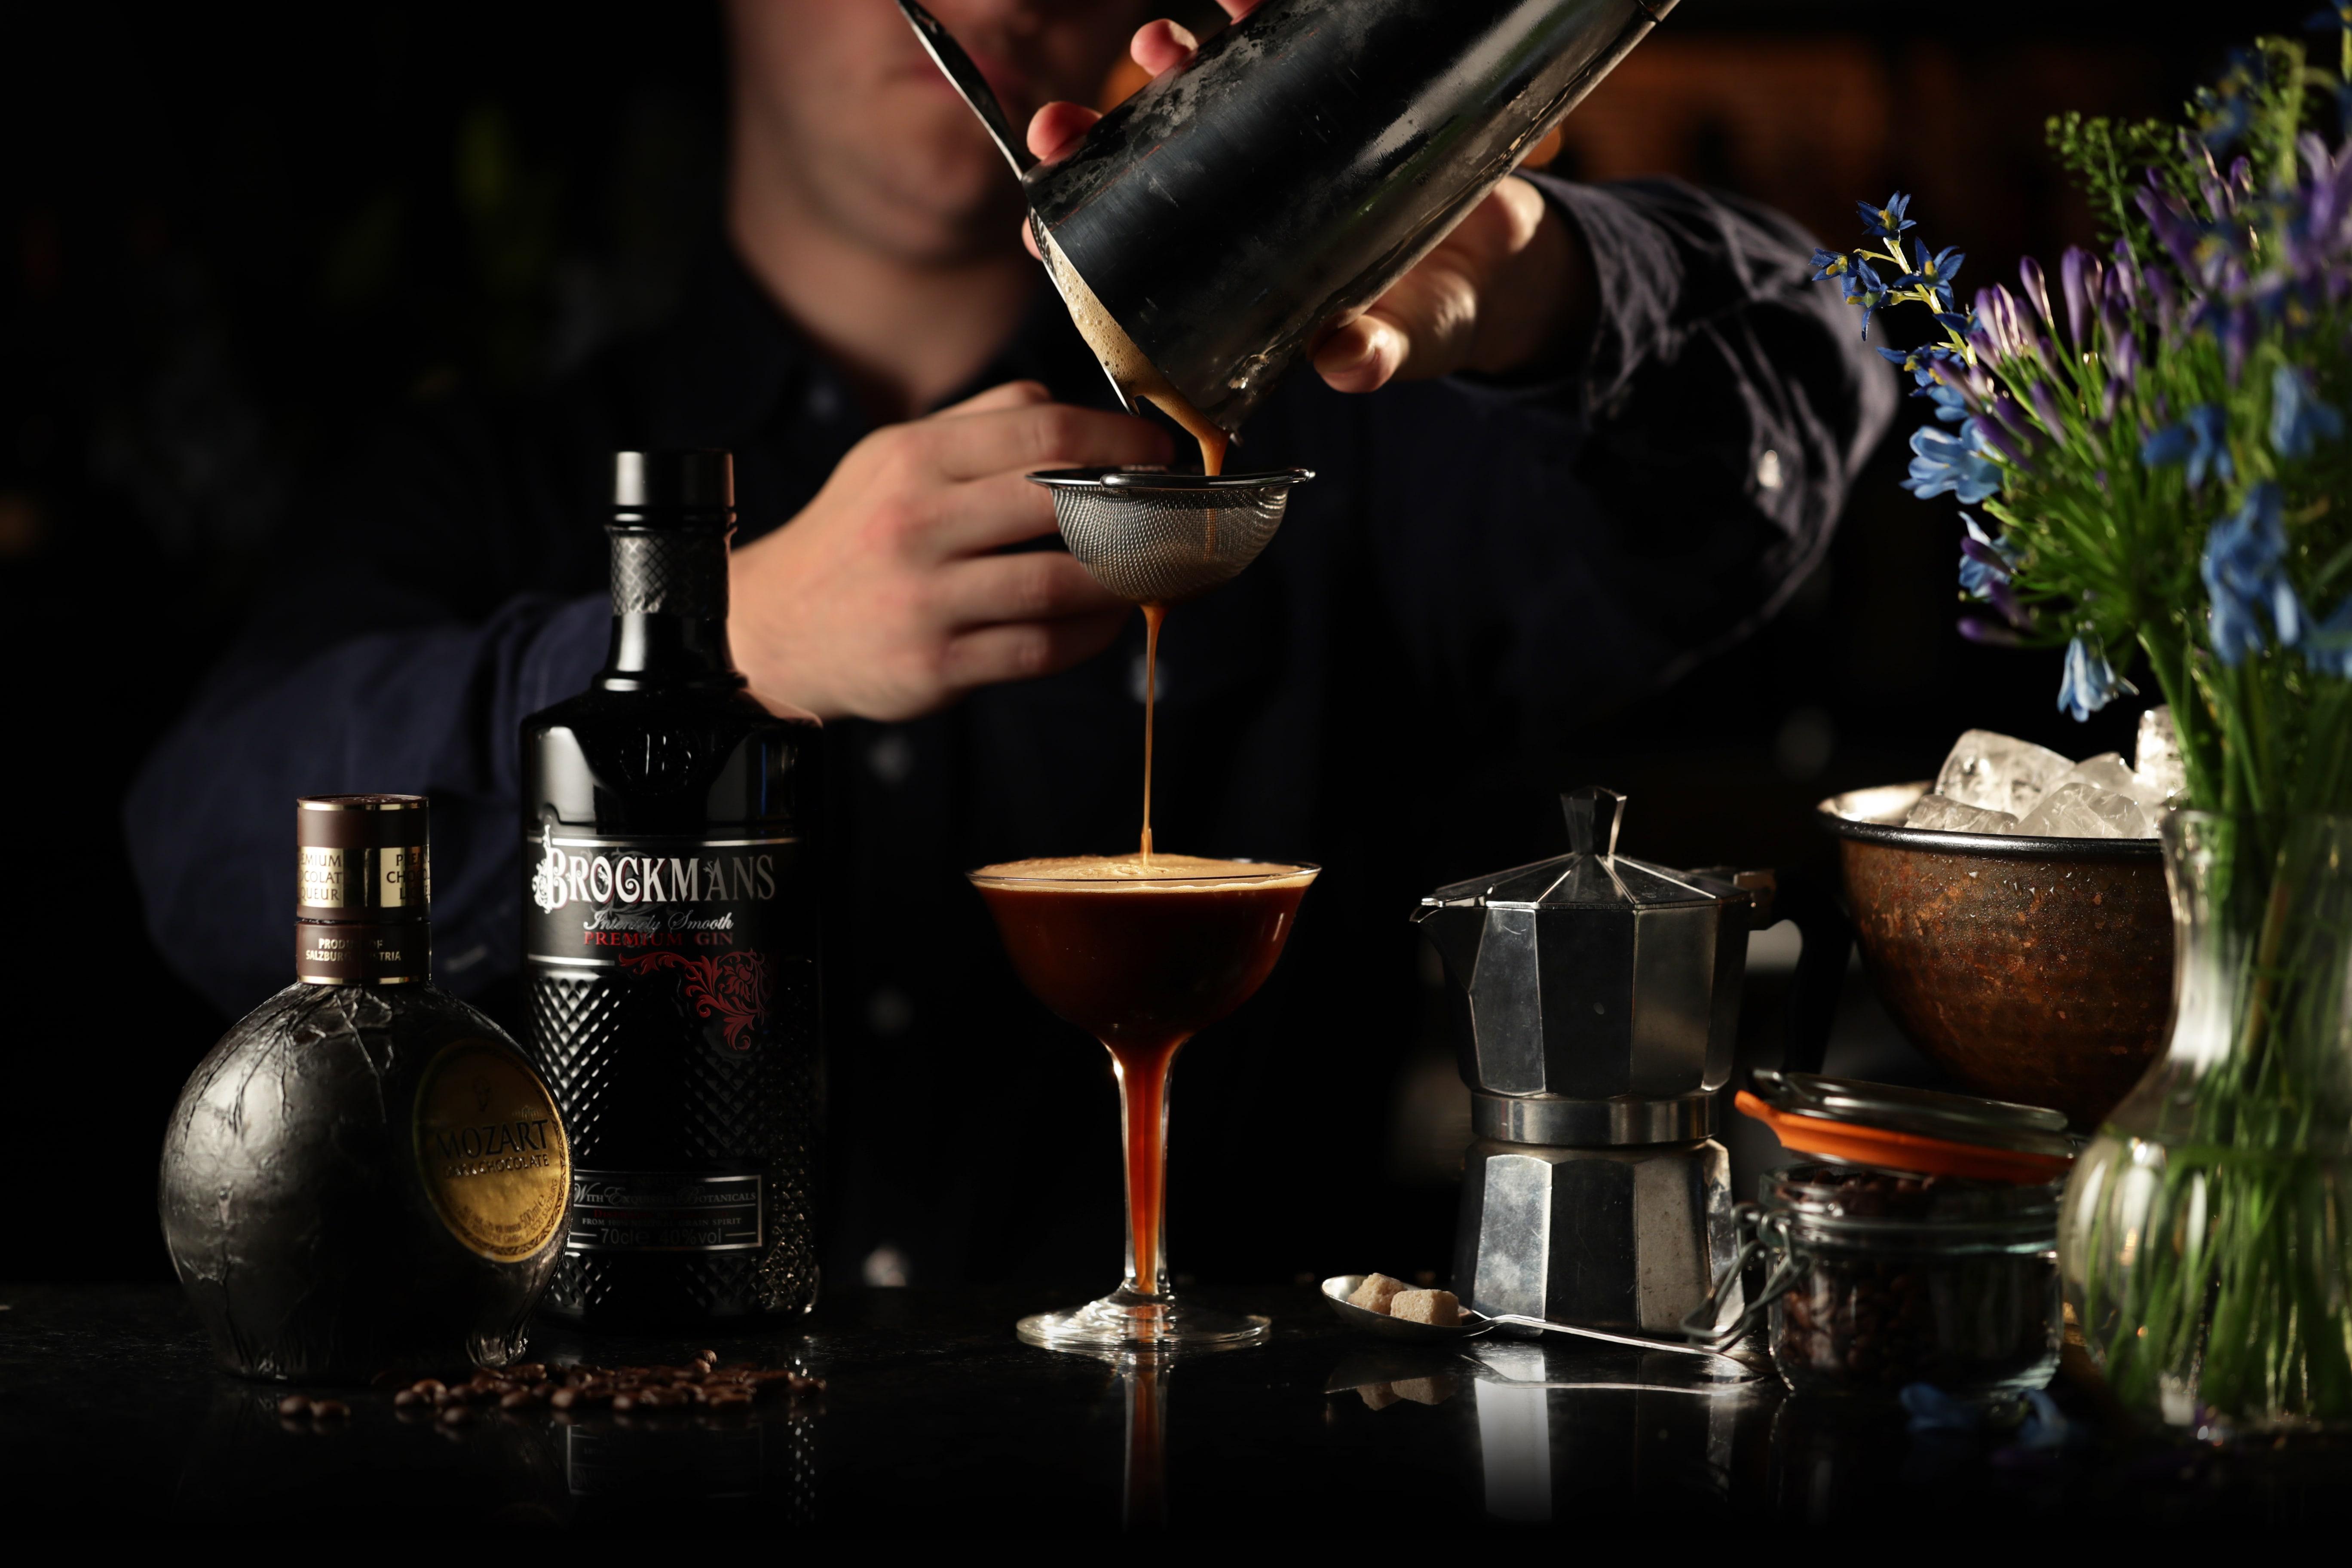 BM Making Of Mocha Martini